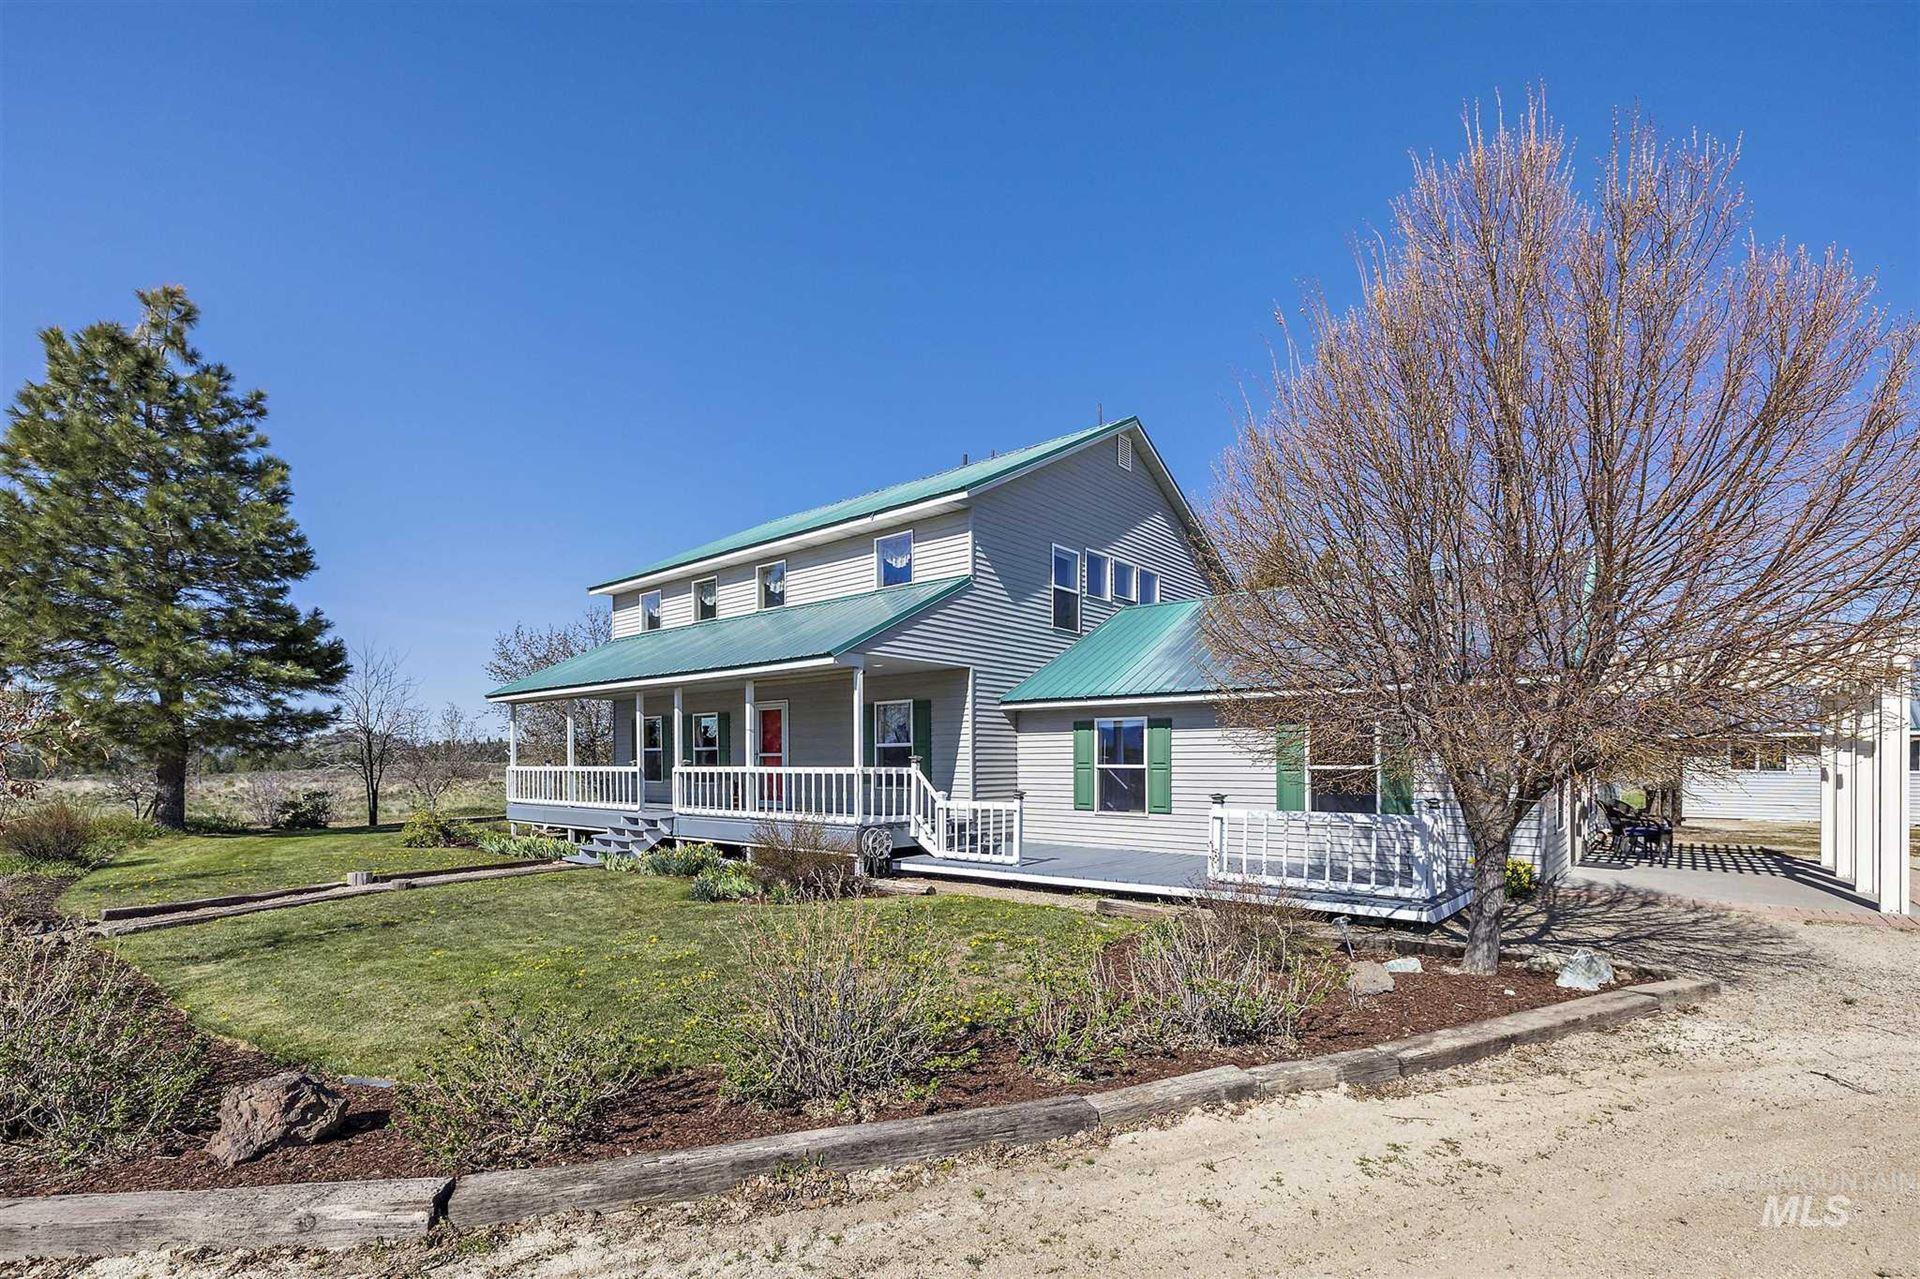 Photo of 1439 W Long Gulch Rd, Prairie, ID 83647 (MLS # 98803269)